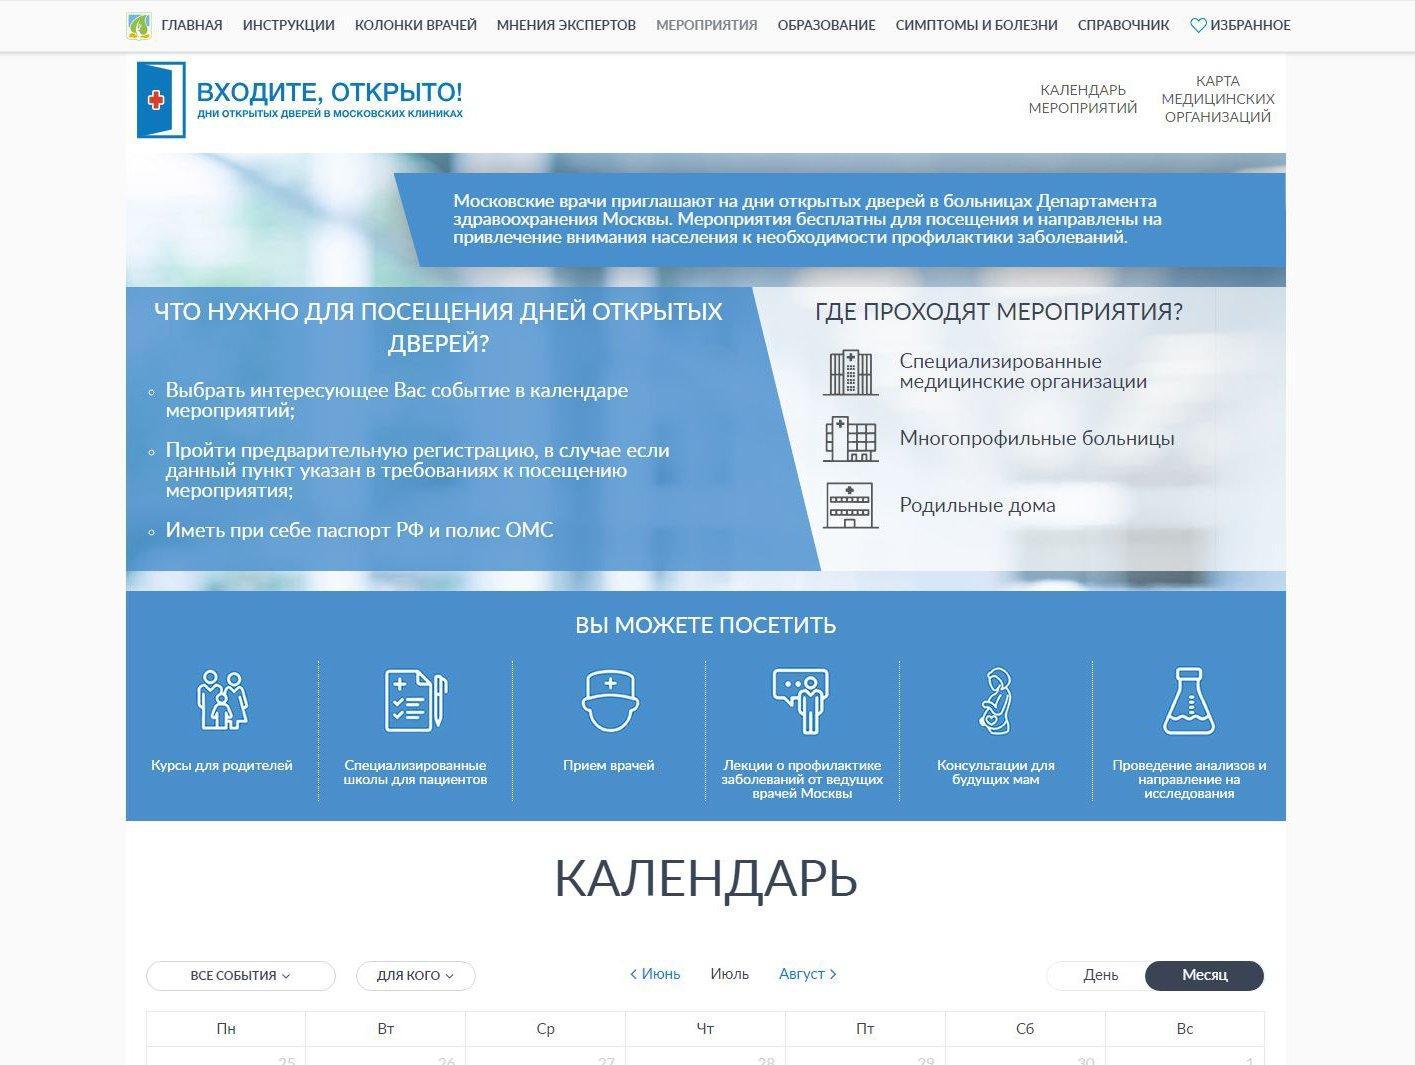 Для всех желающих: где найти календарь дней открытых дверей в клиниках Москвы